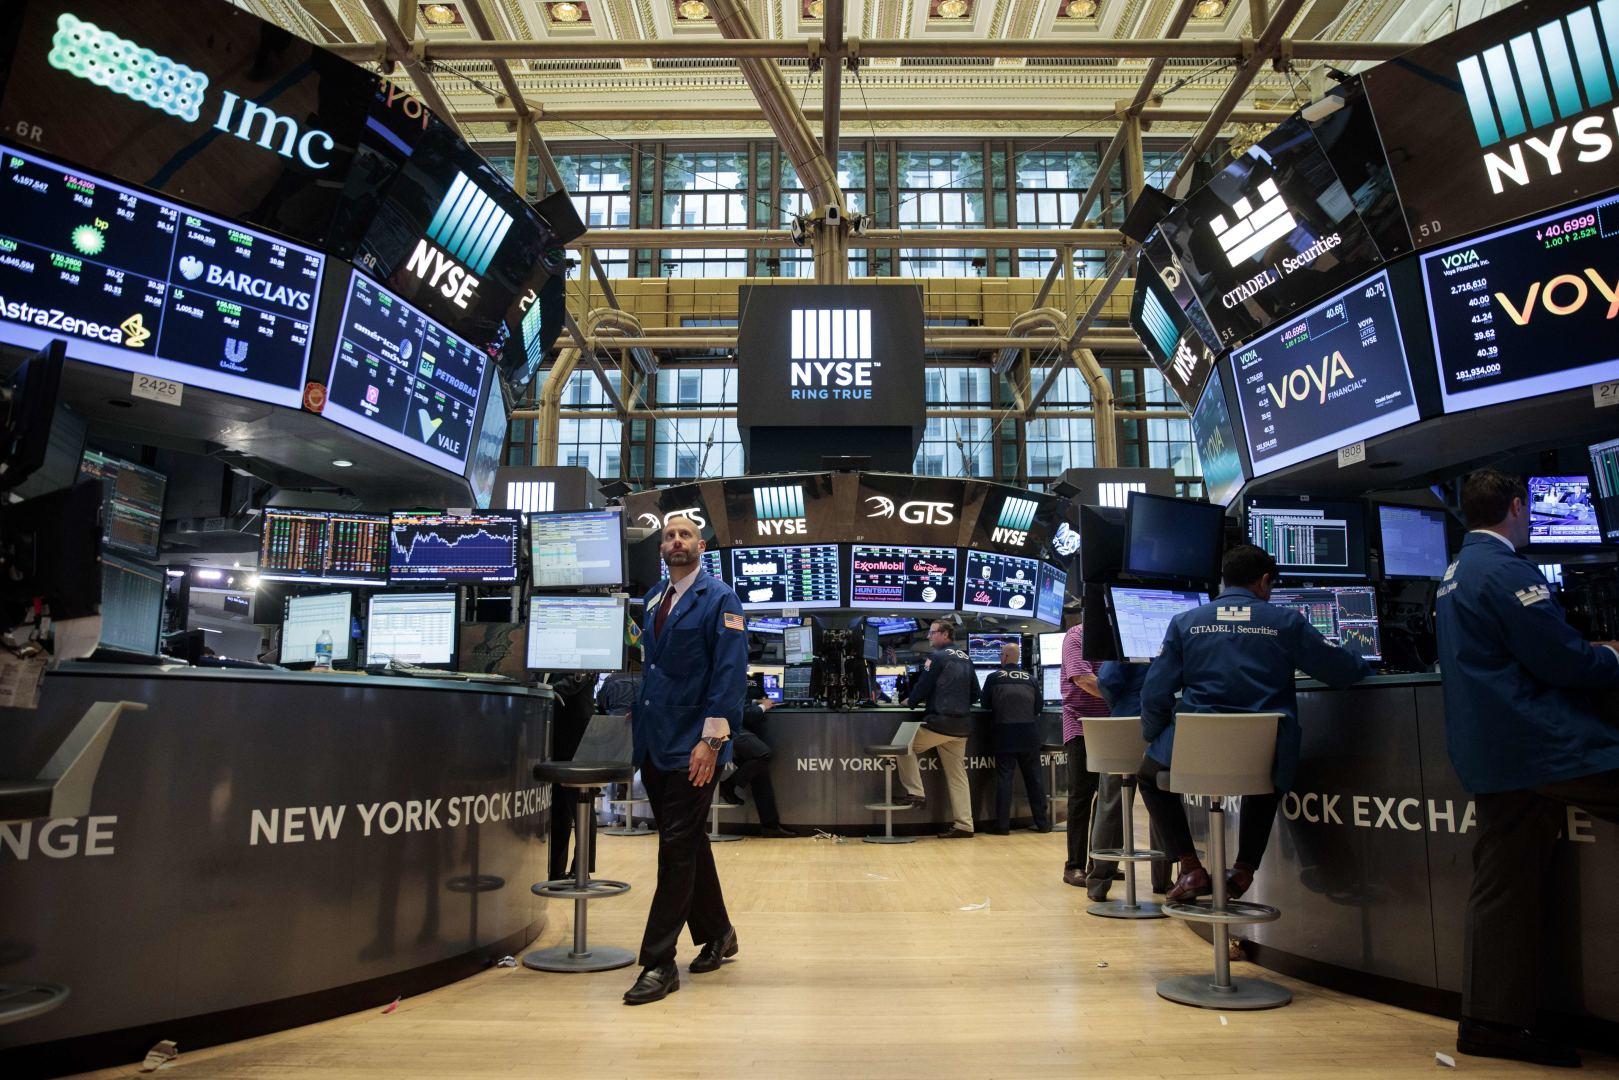 Prekyba NYSE, NASDAQ. Vertybinių popierių rinkos internetinis kursas | RoboForex